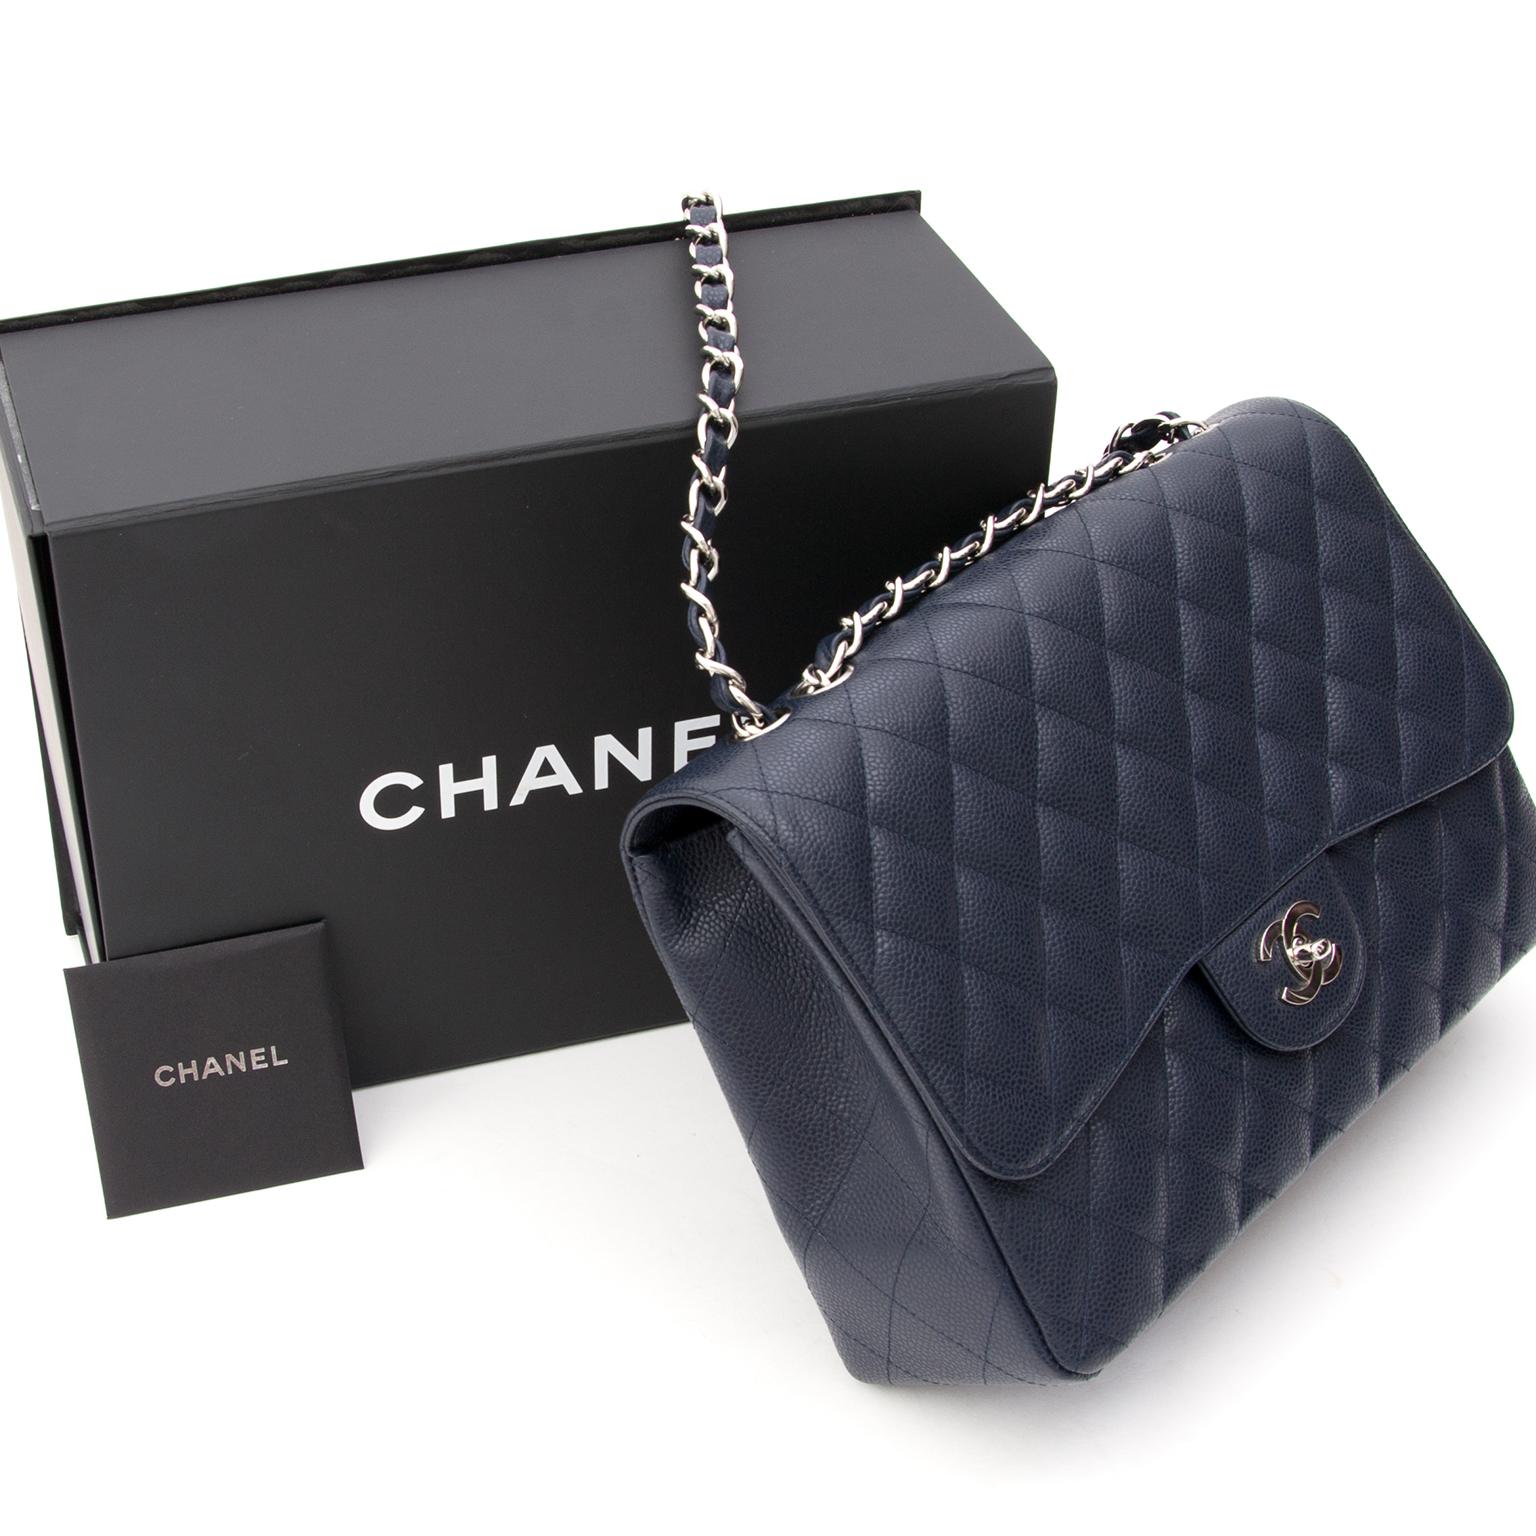 276c5a7f2f5448 Koop Chanel Navy Jumbo Classic Flap in kaviaar leder aan de beste prijs bij  Labellov Antwerpen